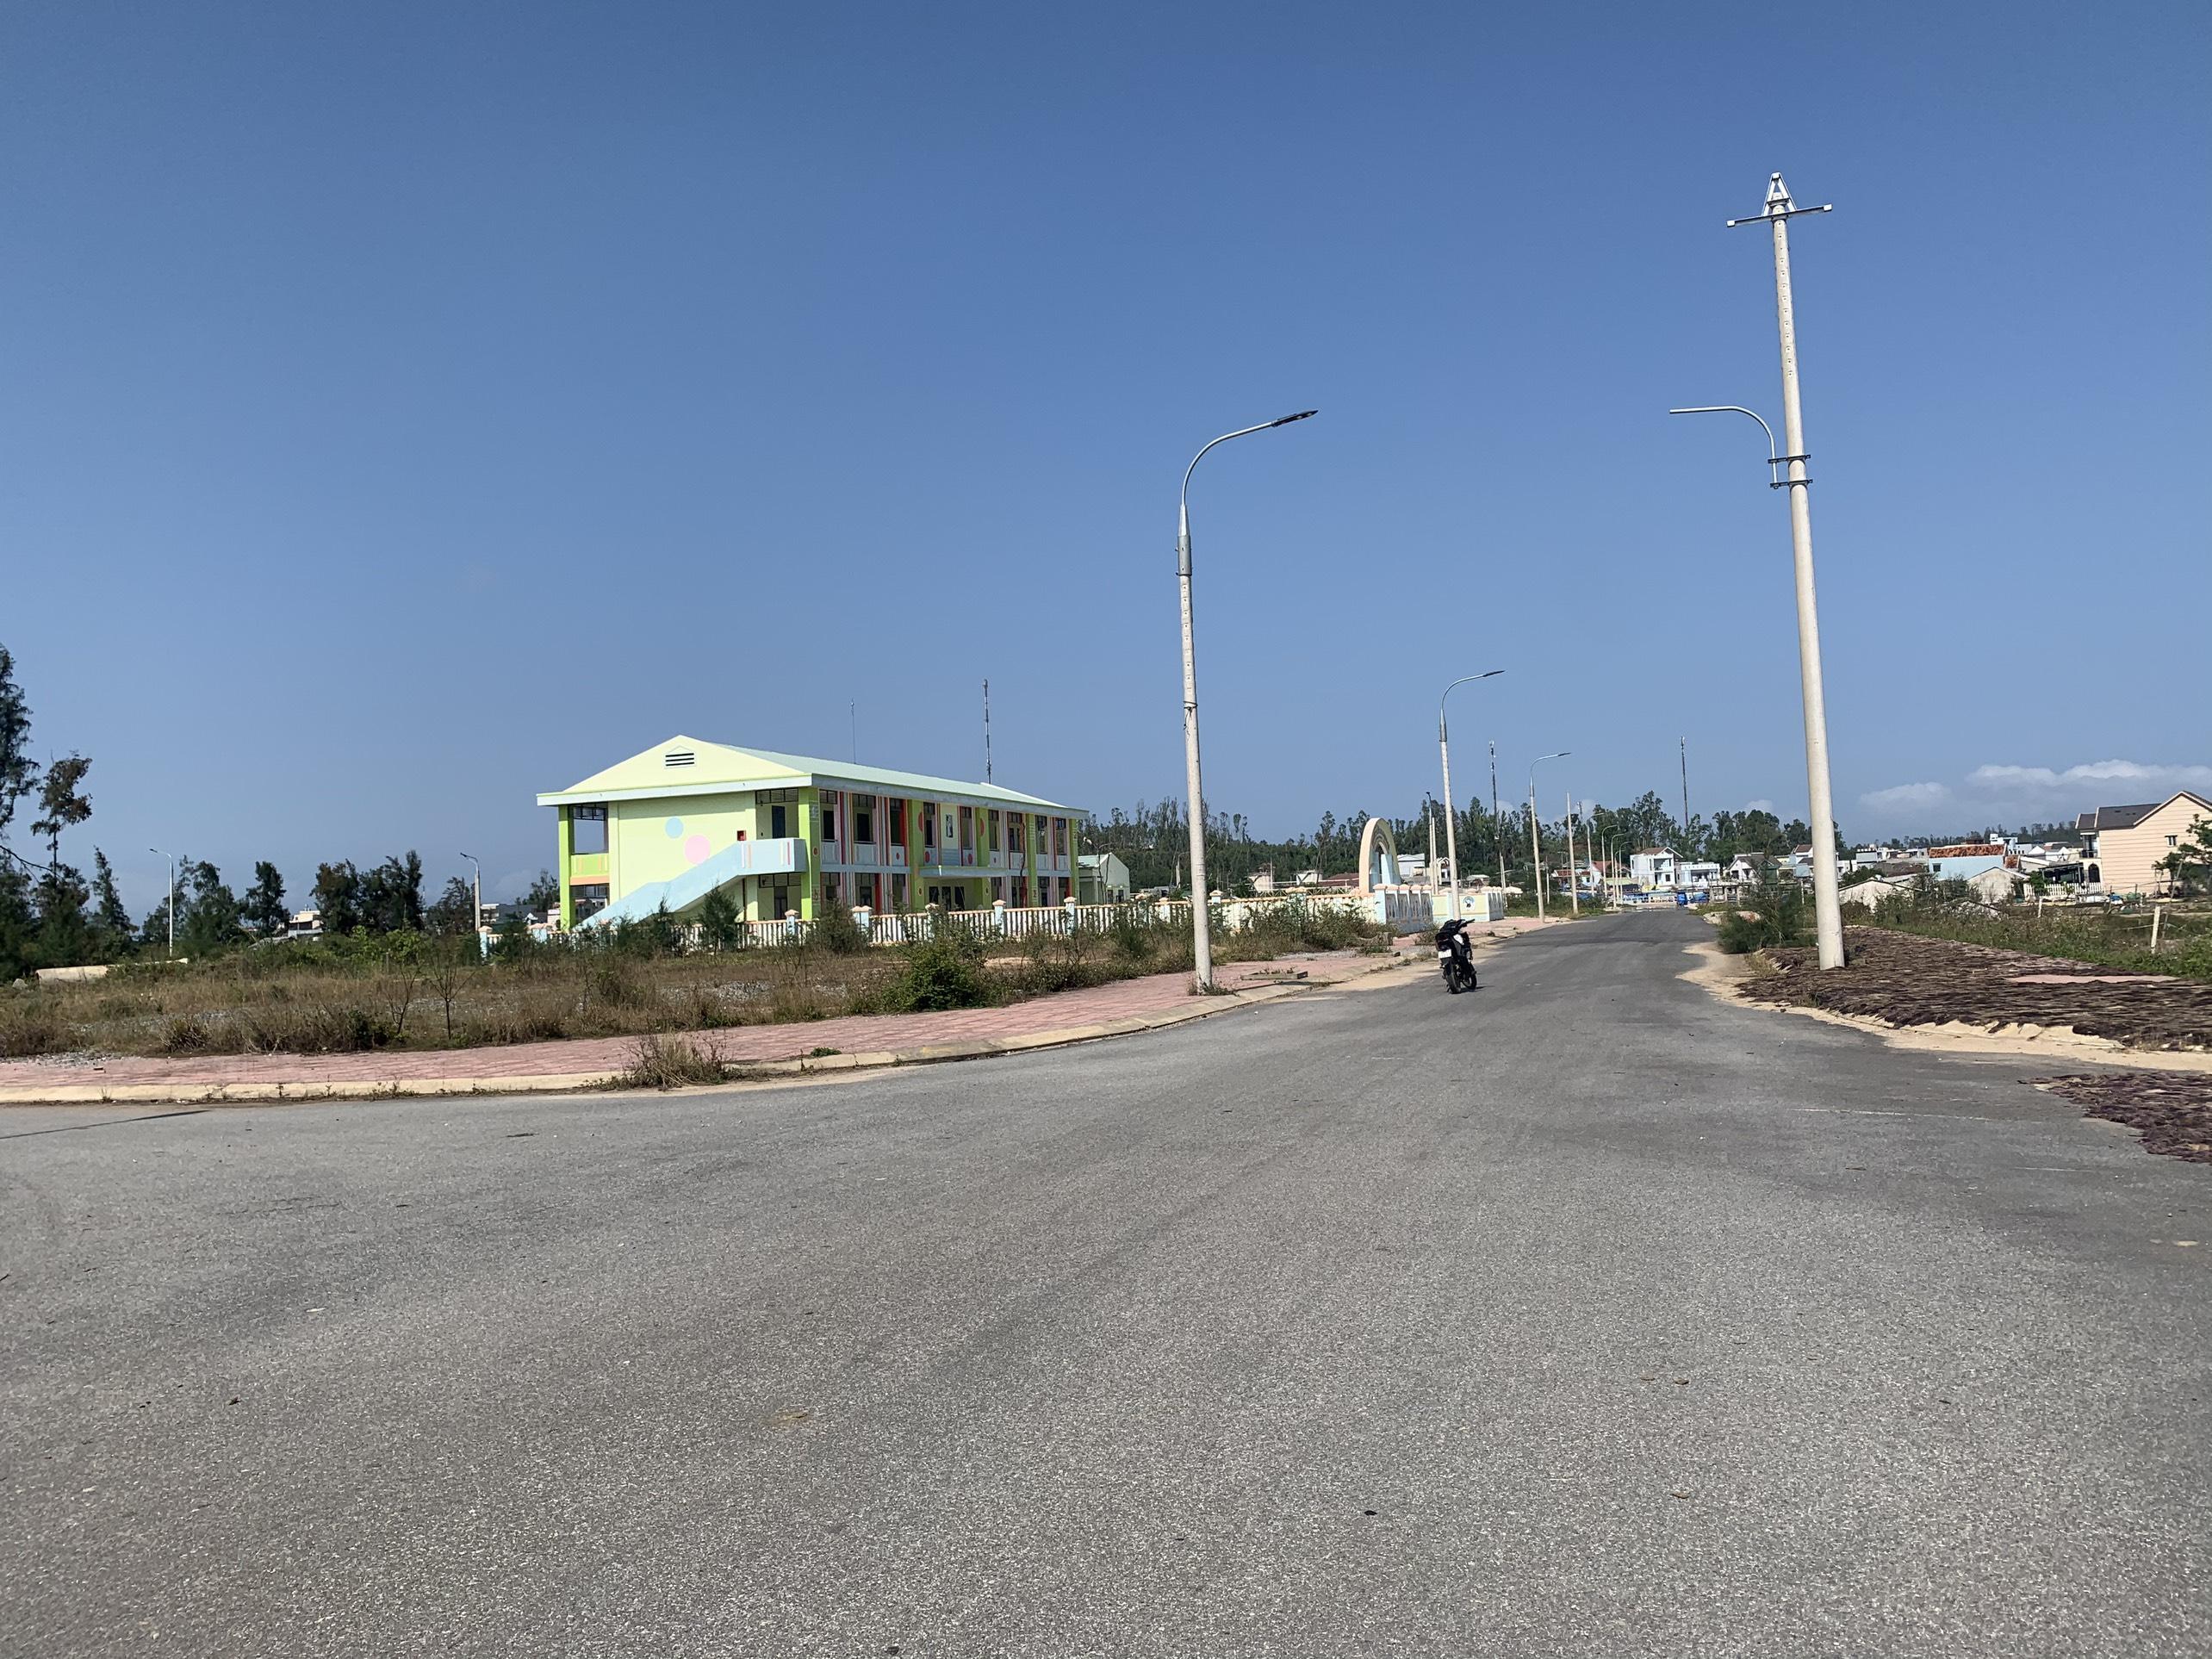 Bán lô đất mặt tiền đường 15m5 view biển xã Tịnh Kỳ TP Quảng Ngãi